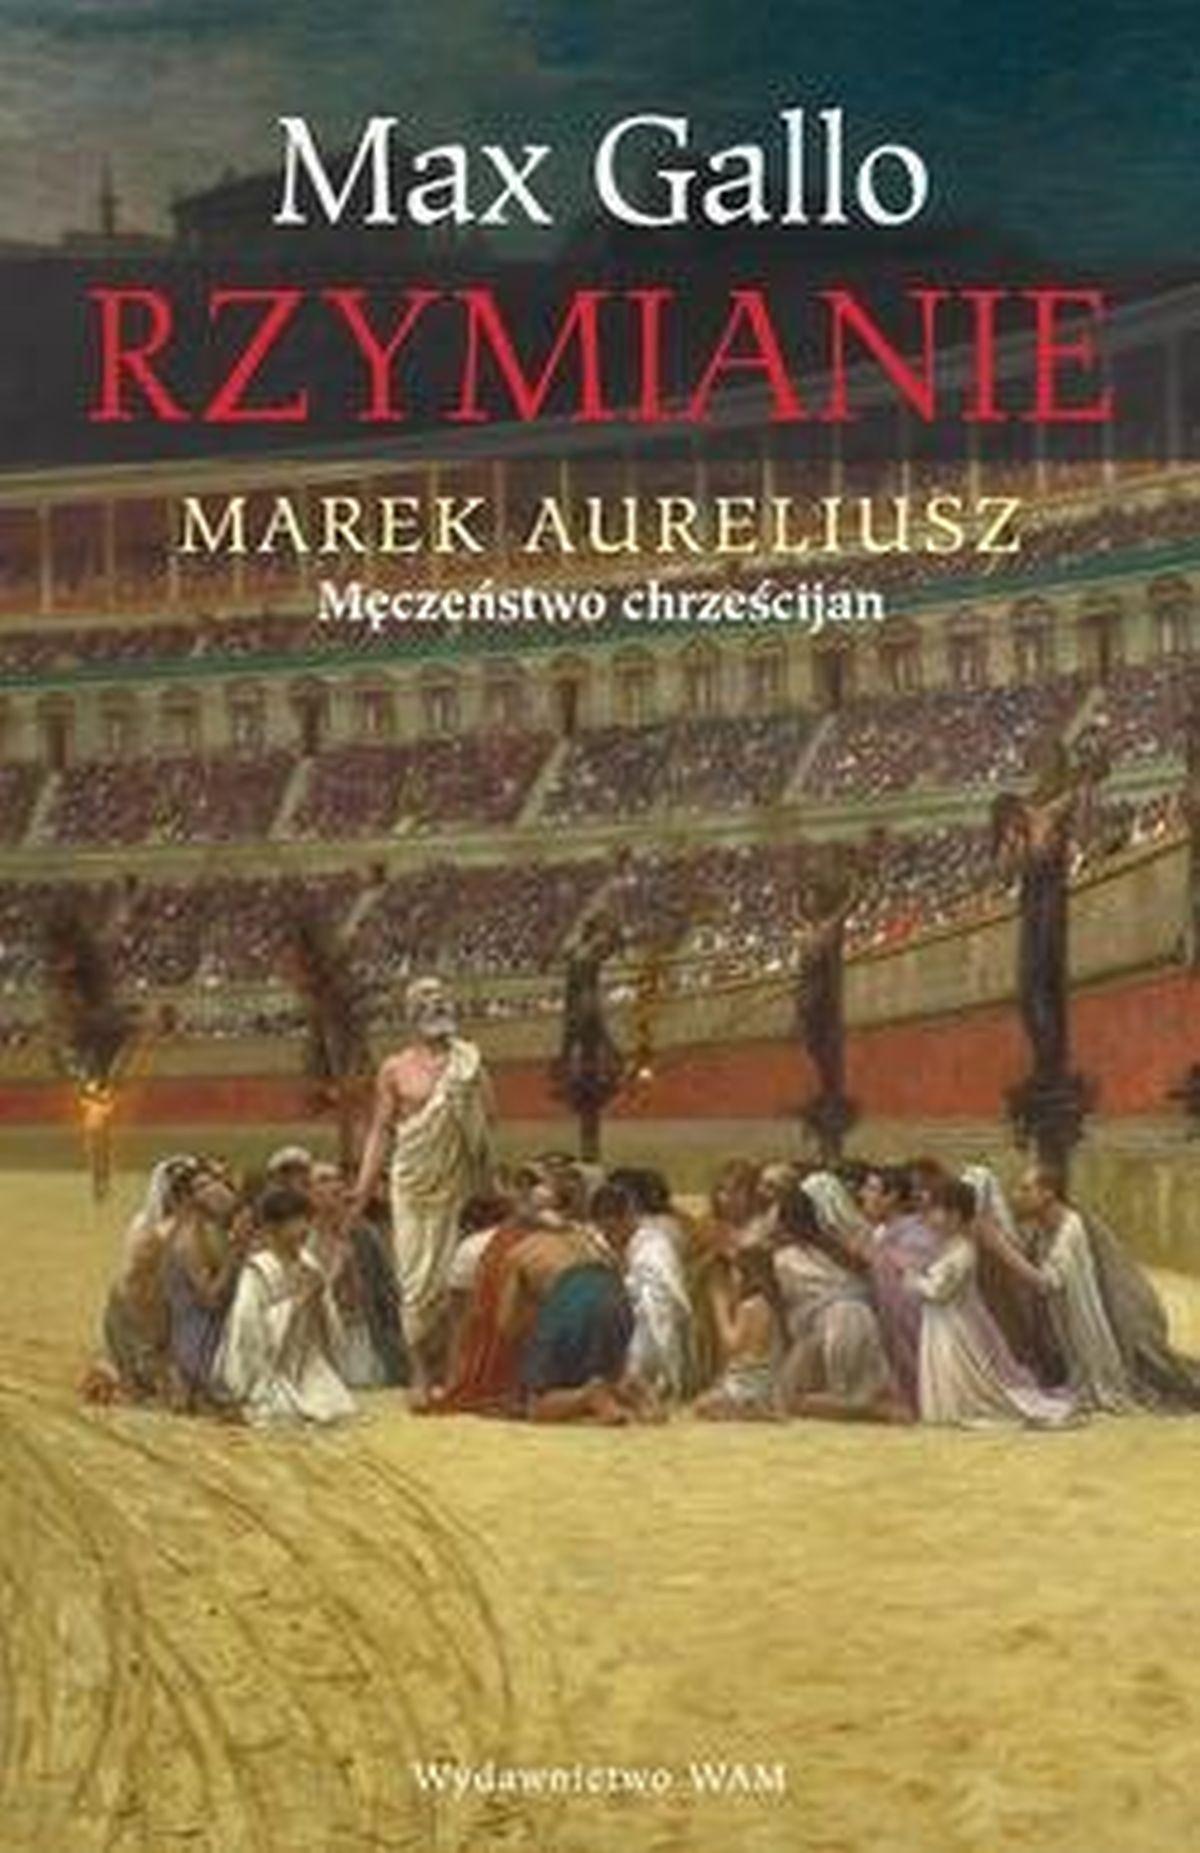 Rzymianie. Marek Aureliusz